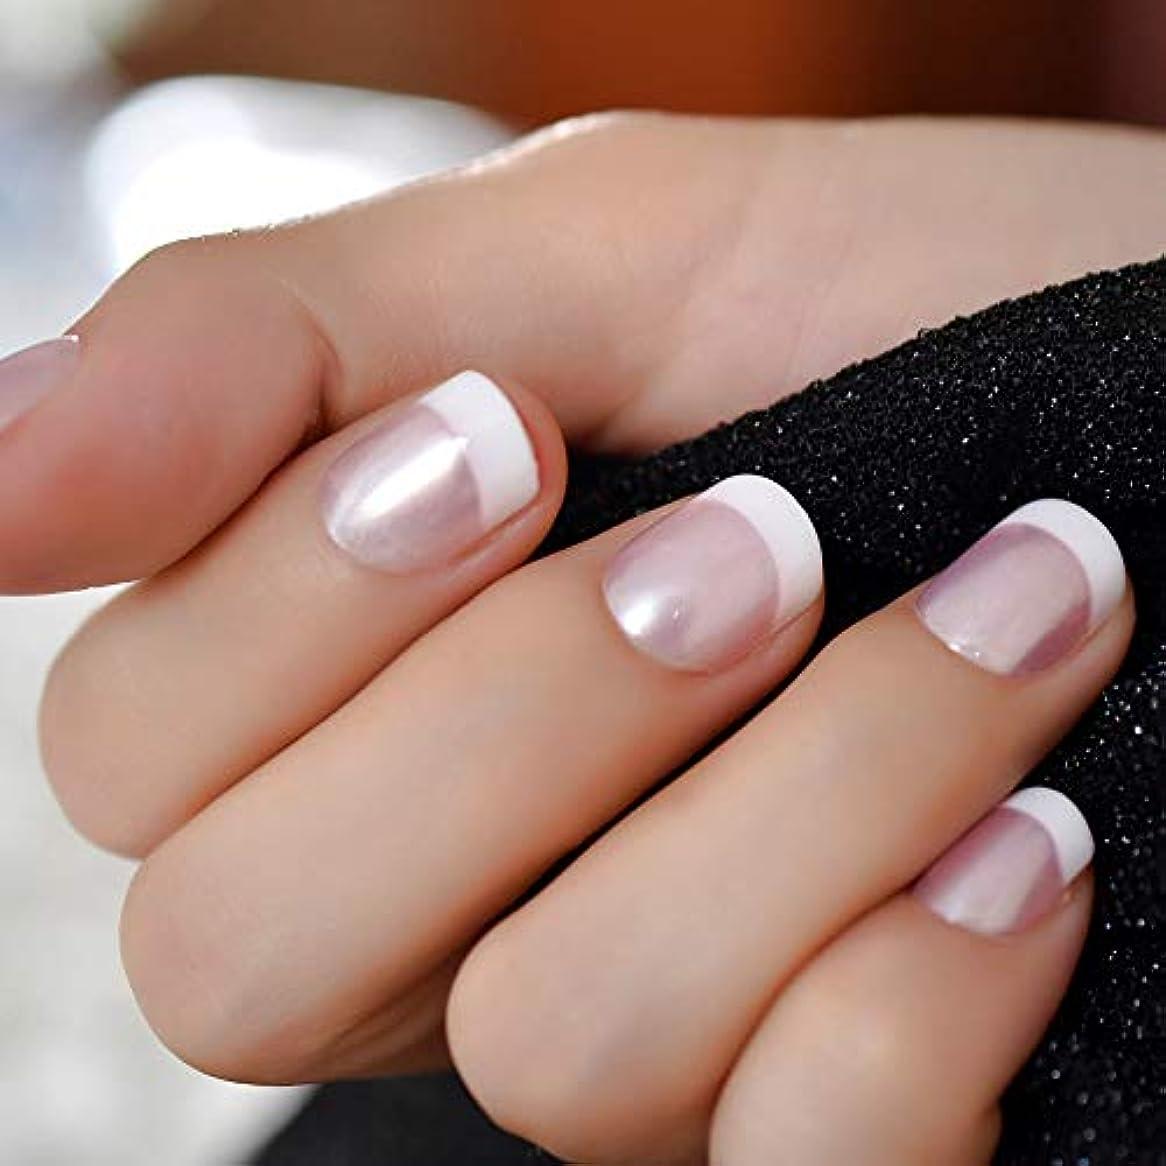 倫理怒り歩くXUTXZKA パールシャインピンクネイルホワイトラウンドフェイクネイルショートサテン人工女性指の爪